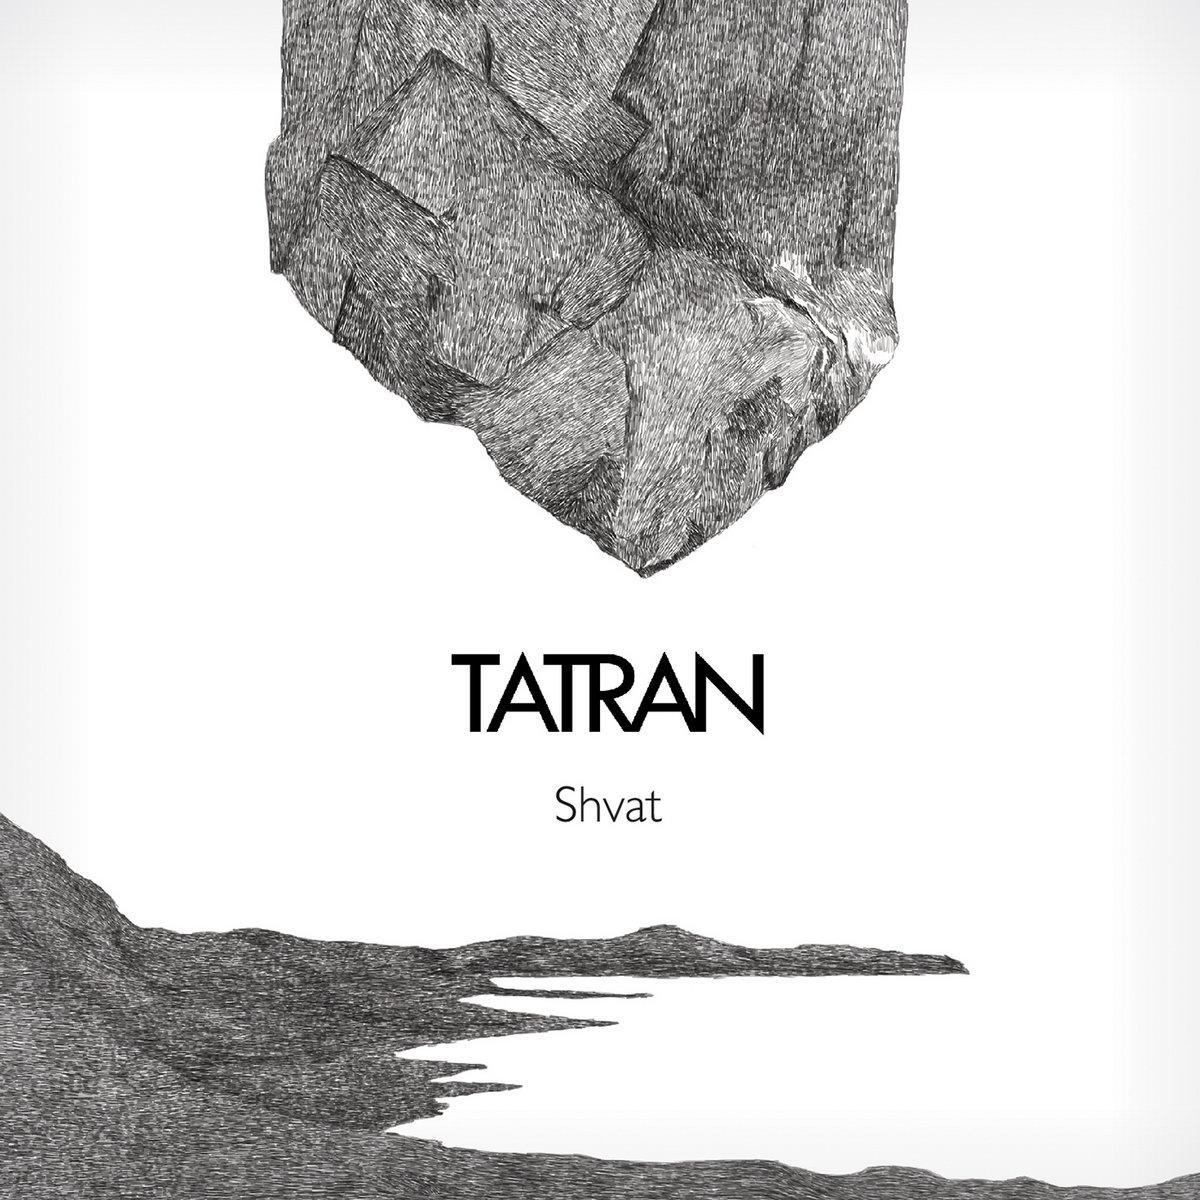 TATRAN - Shvat